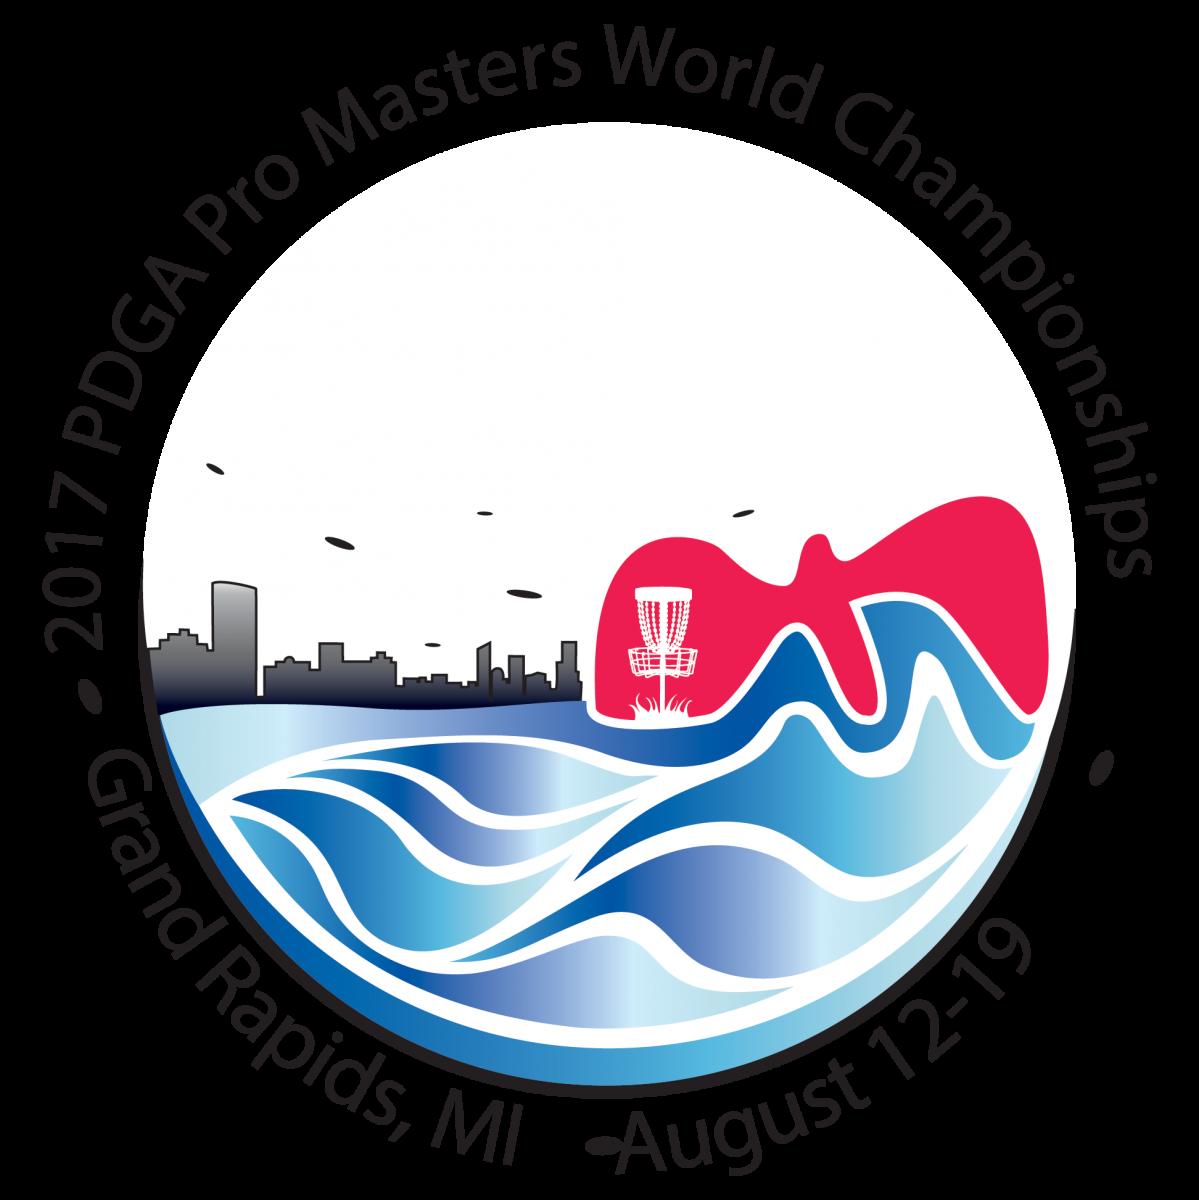 2017-pro-masters-world-championships-final